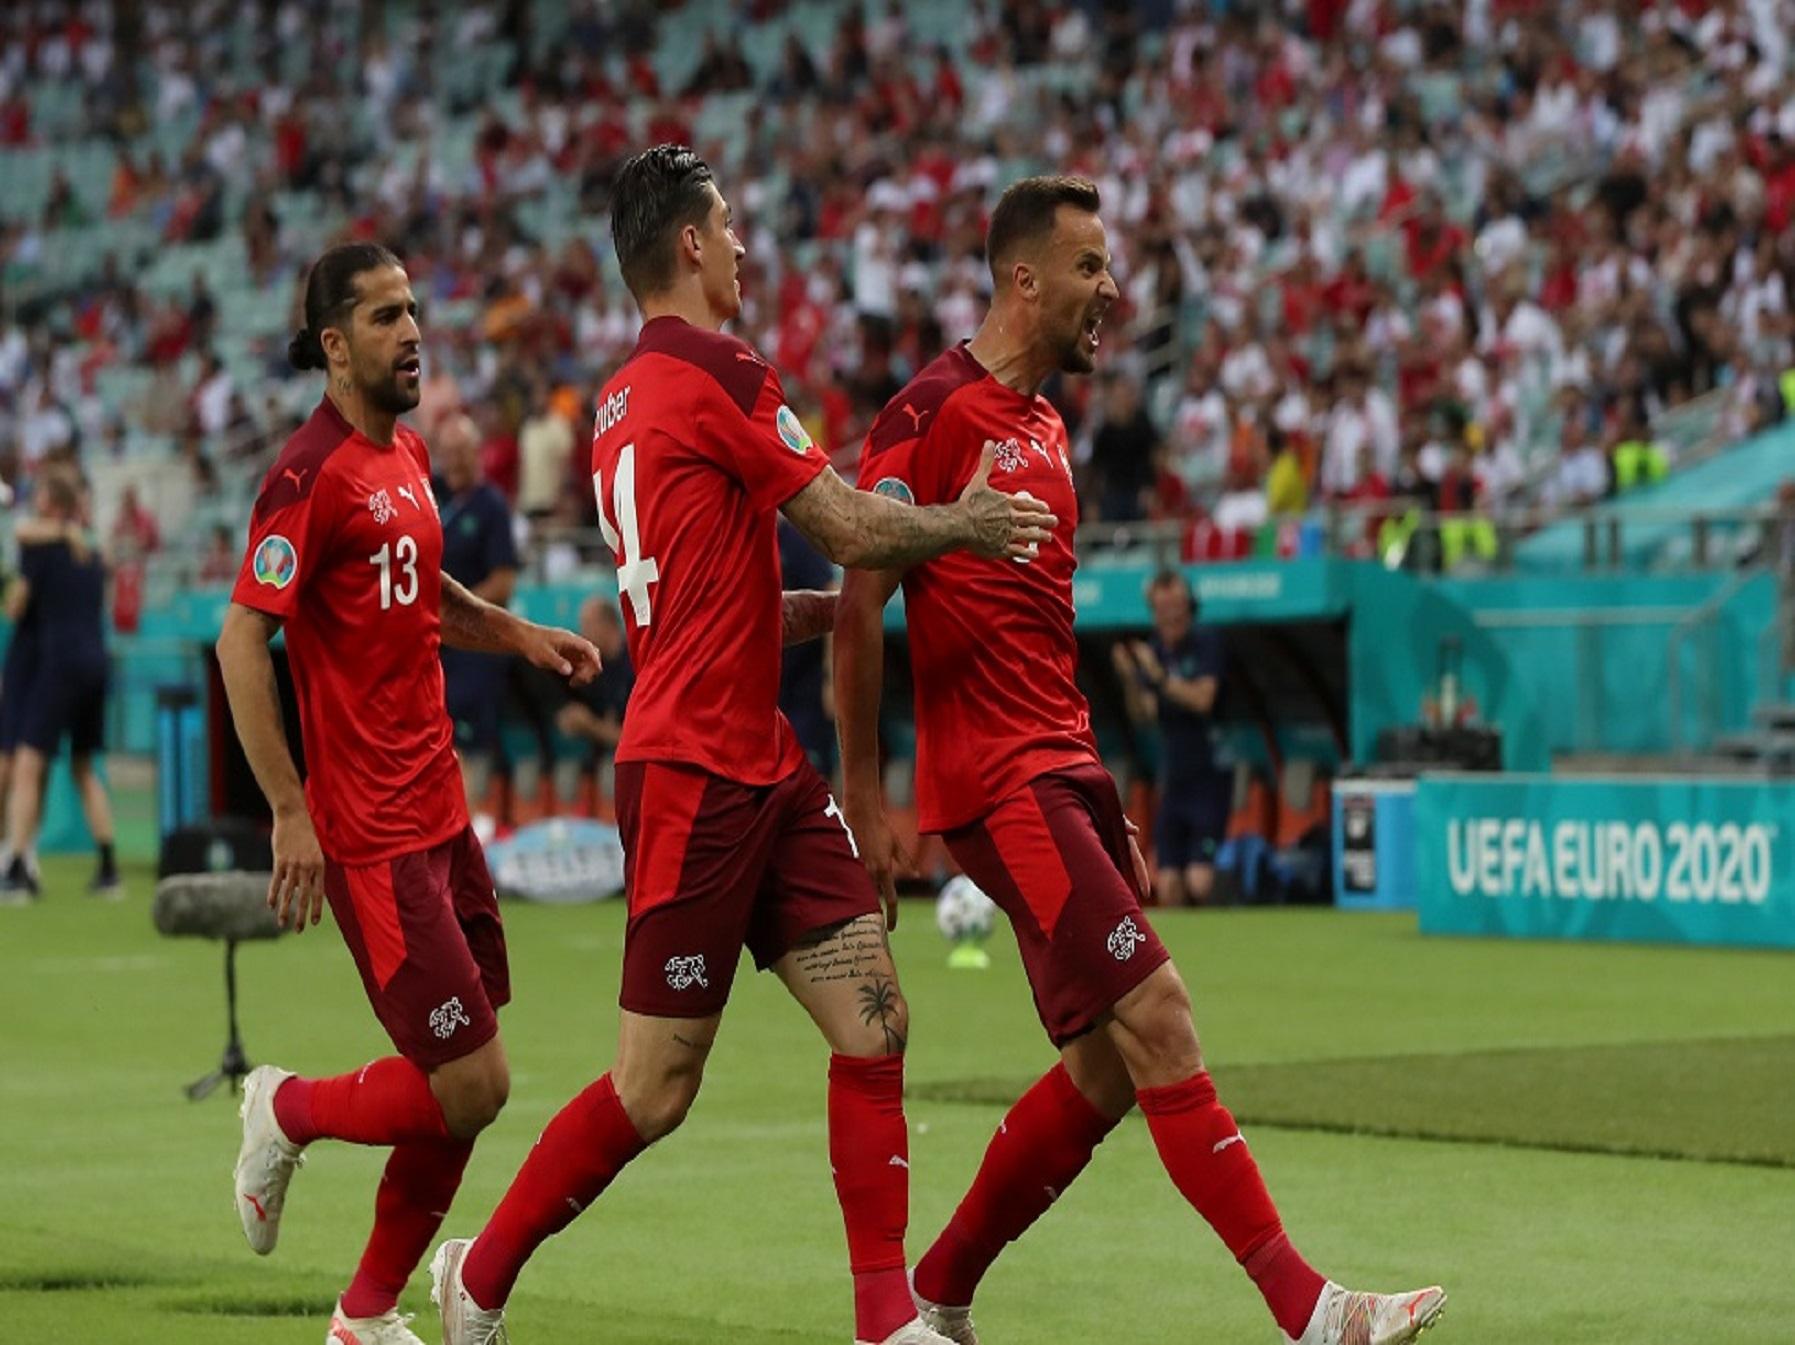 Ελβετία - Τουρκία 3-1